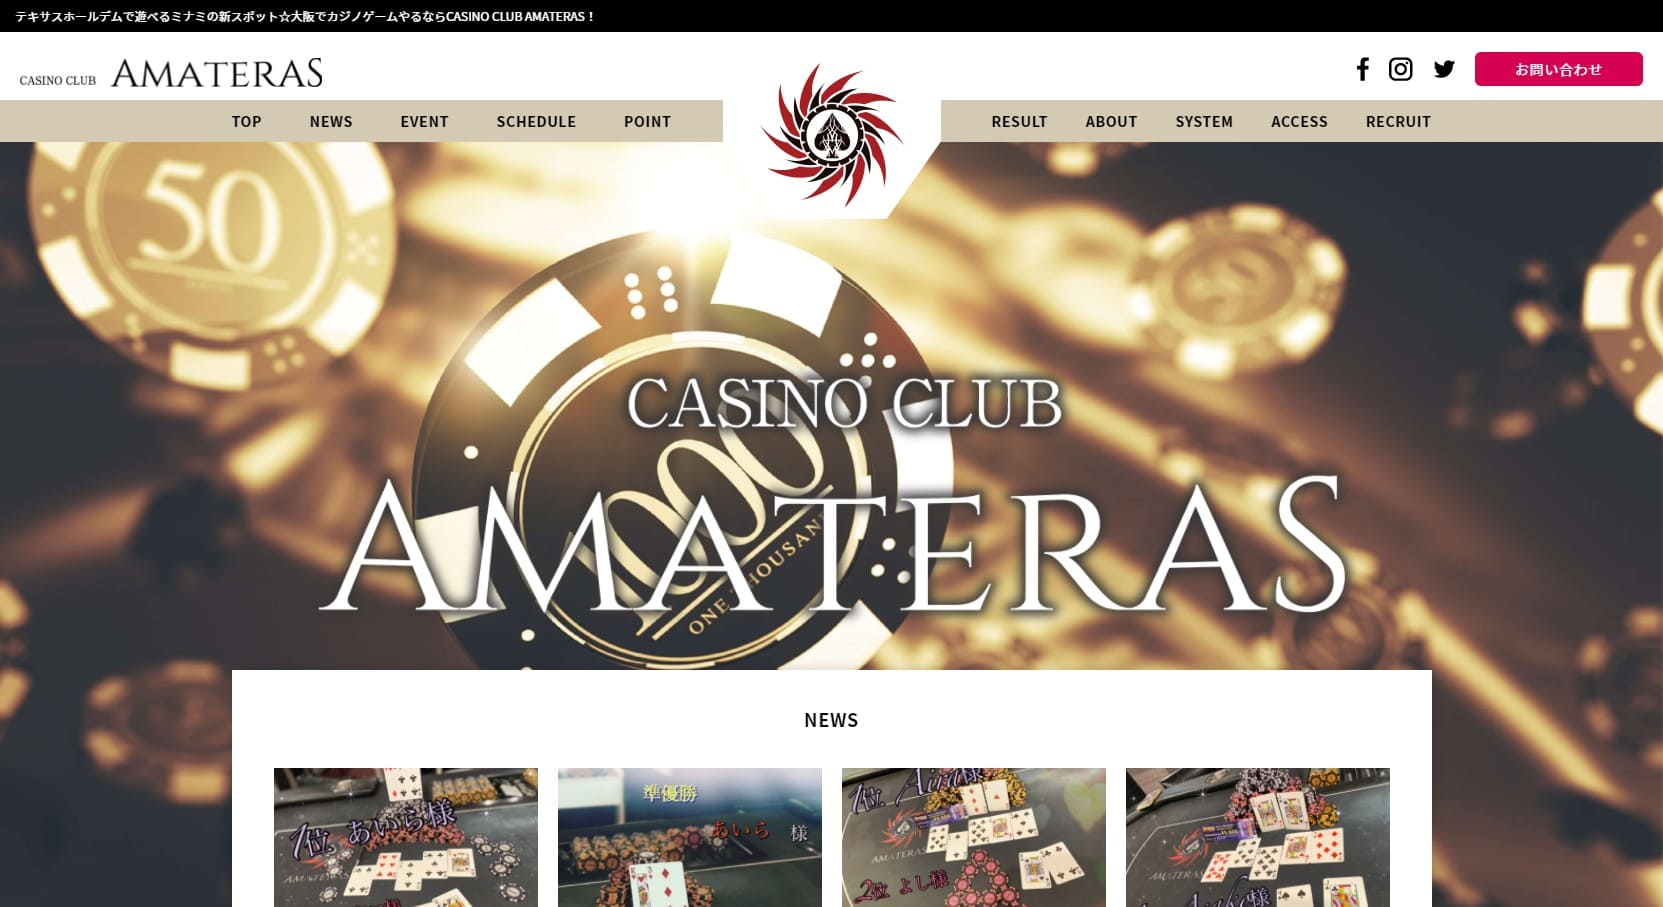 CASINO CLUB AMATERASのウェブサイト画像。